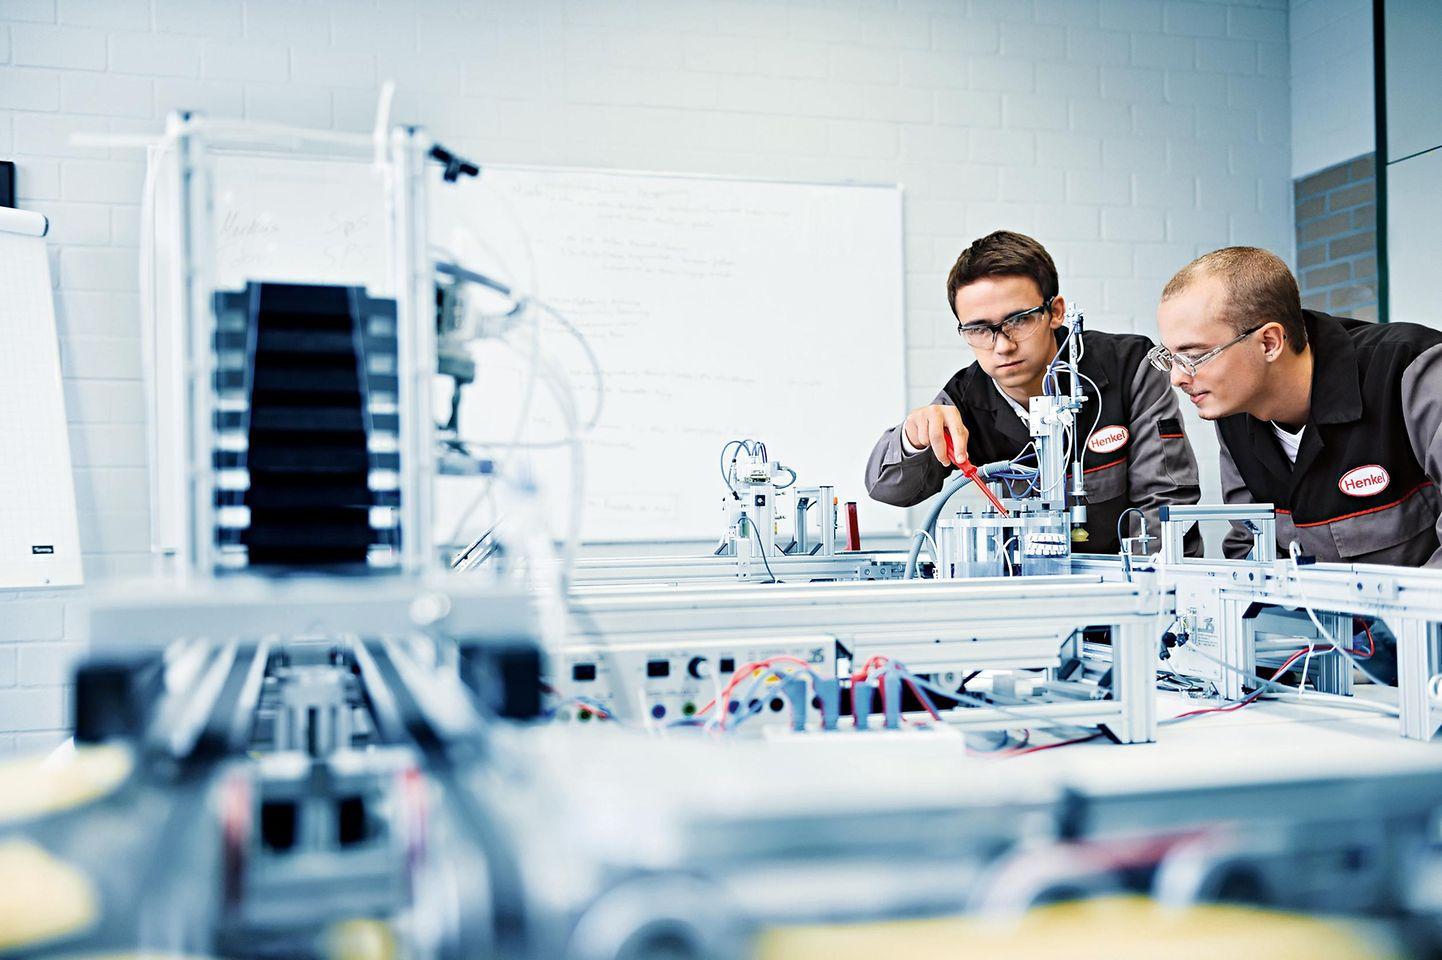 Ausbildung bei Henkel: Stark im Team